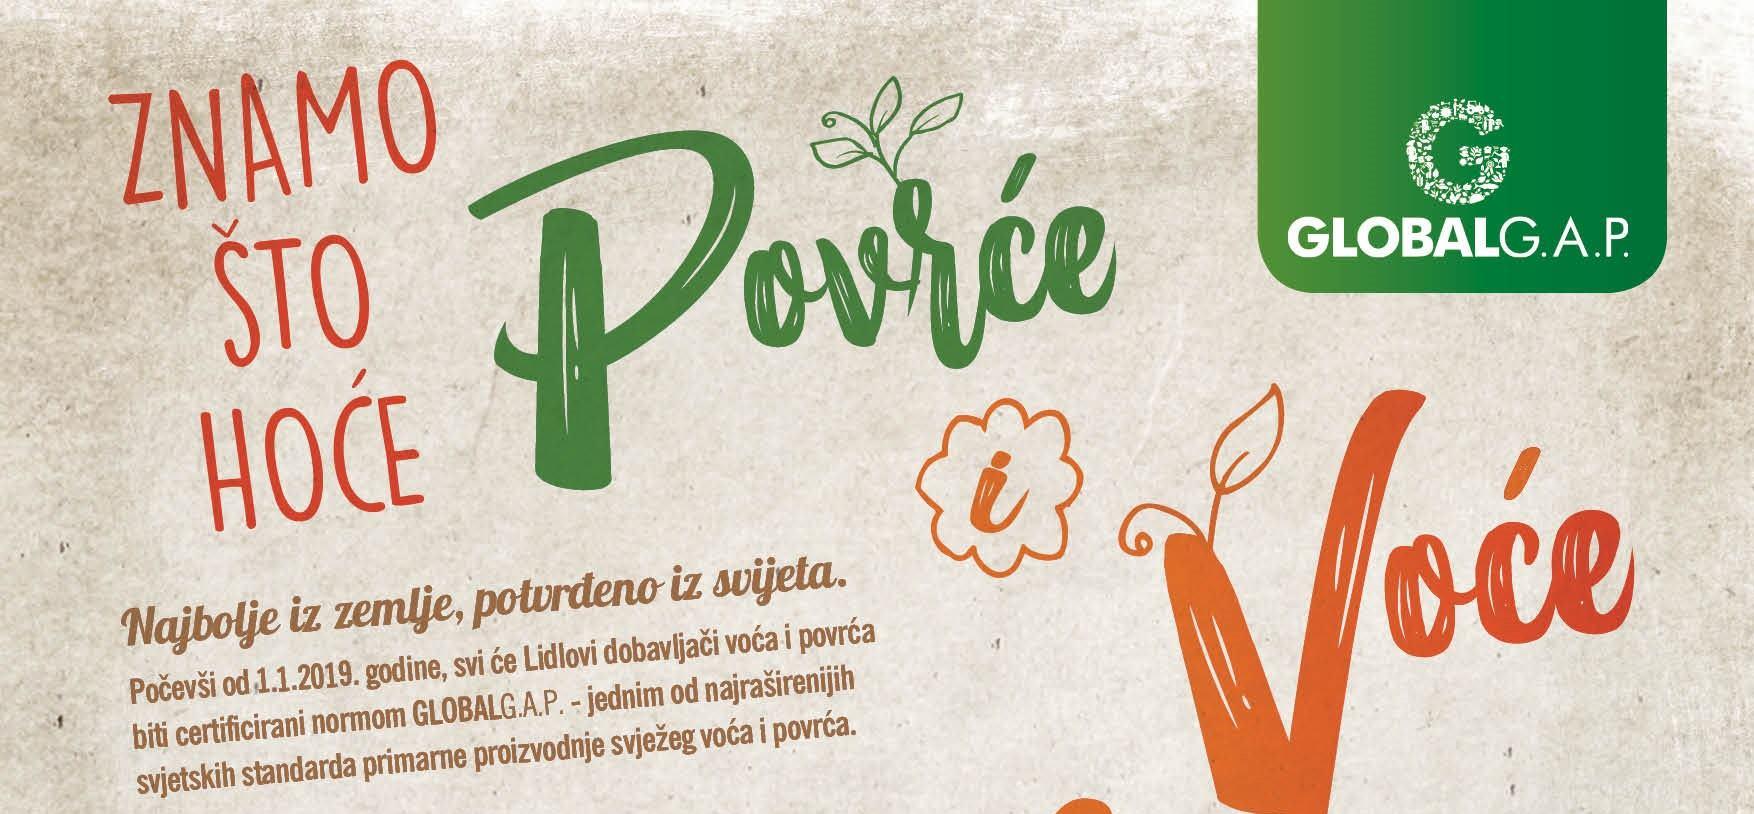 Svi Lidlovi dobavljači voća i povrća će do kraja 2018. imati certifikat GLOBALG.A.P.